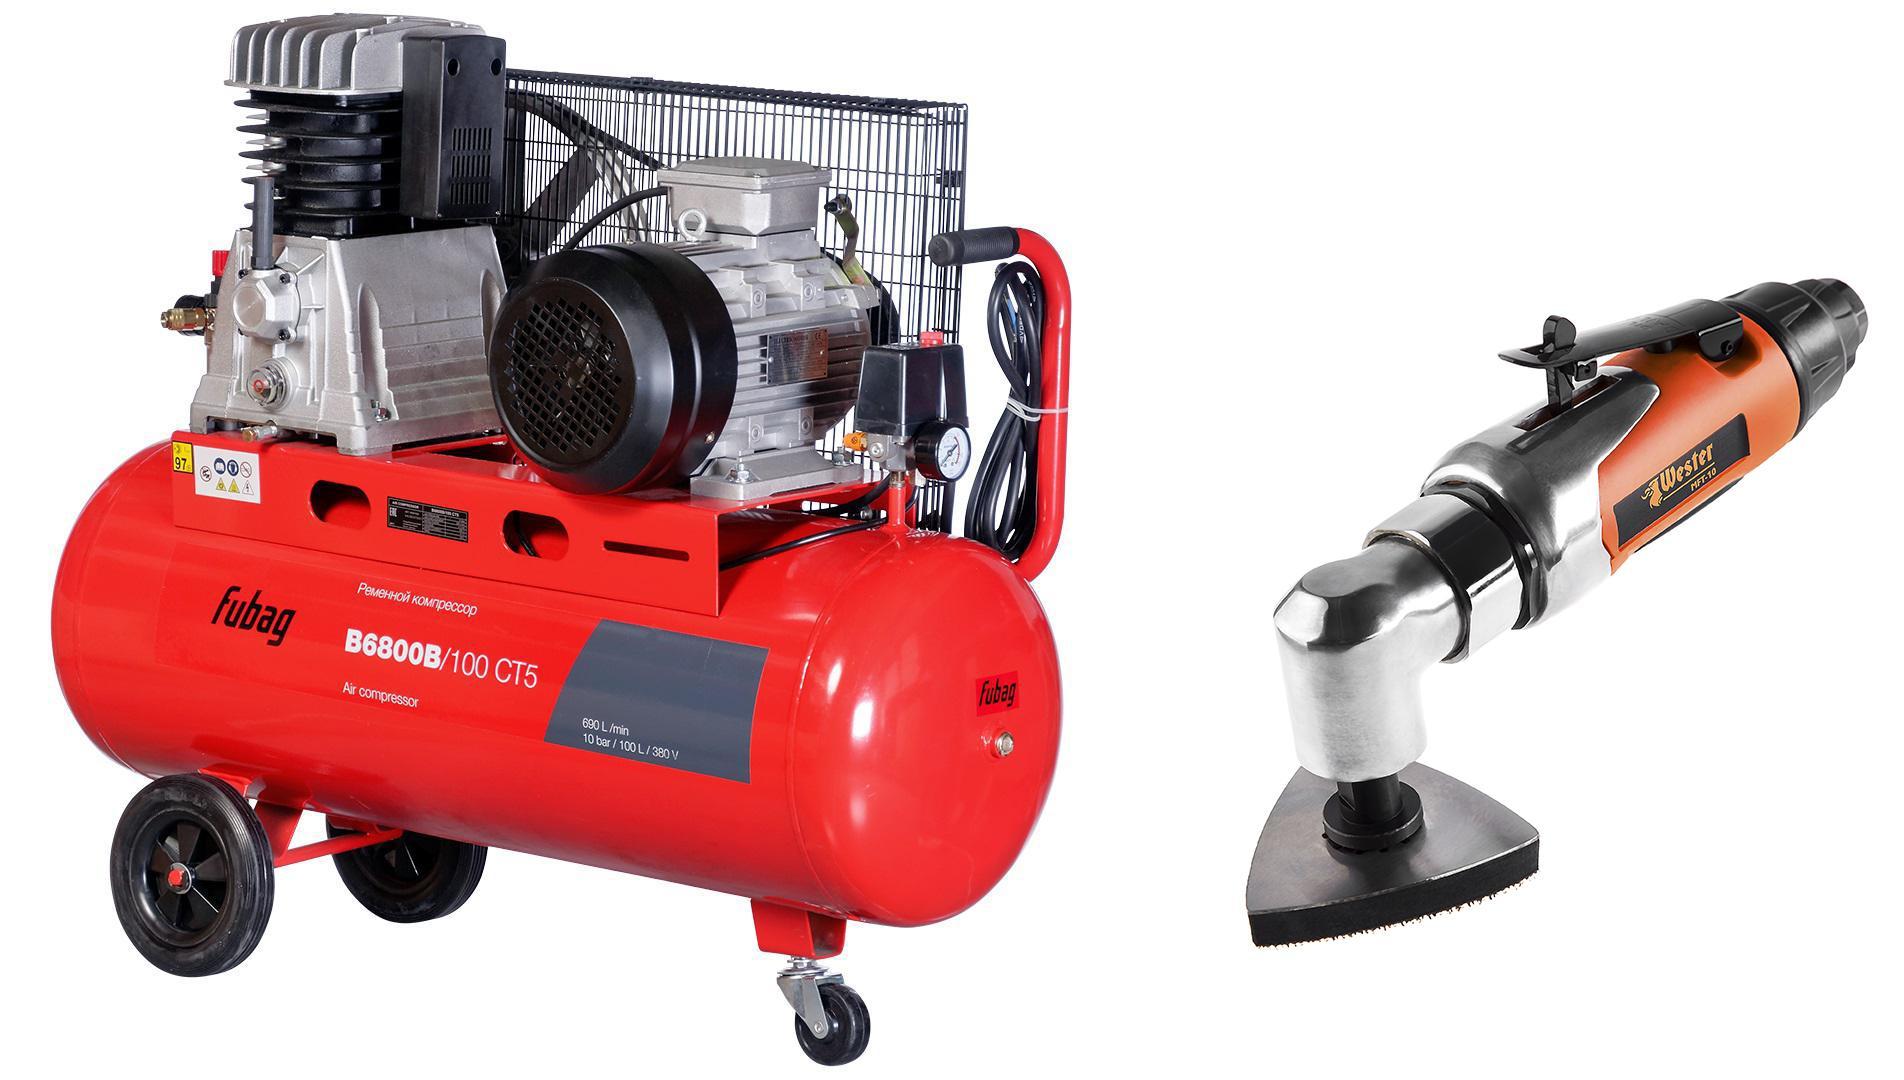 цена на Набор Fubag Компрессор b6800b/100 СТ5 +Инструмент многофункциональный mft-10